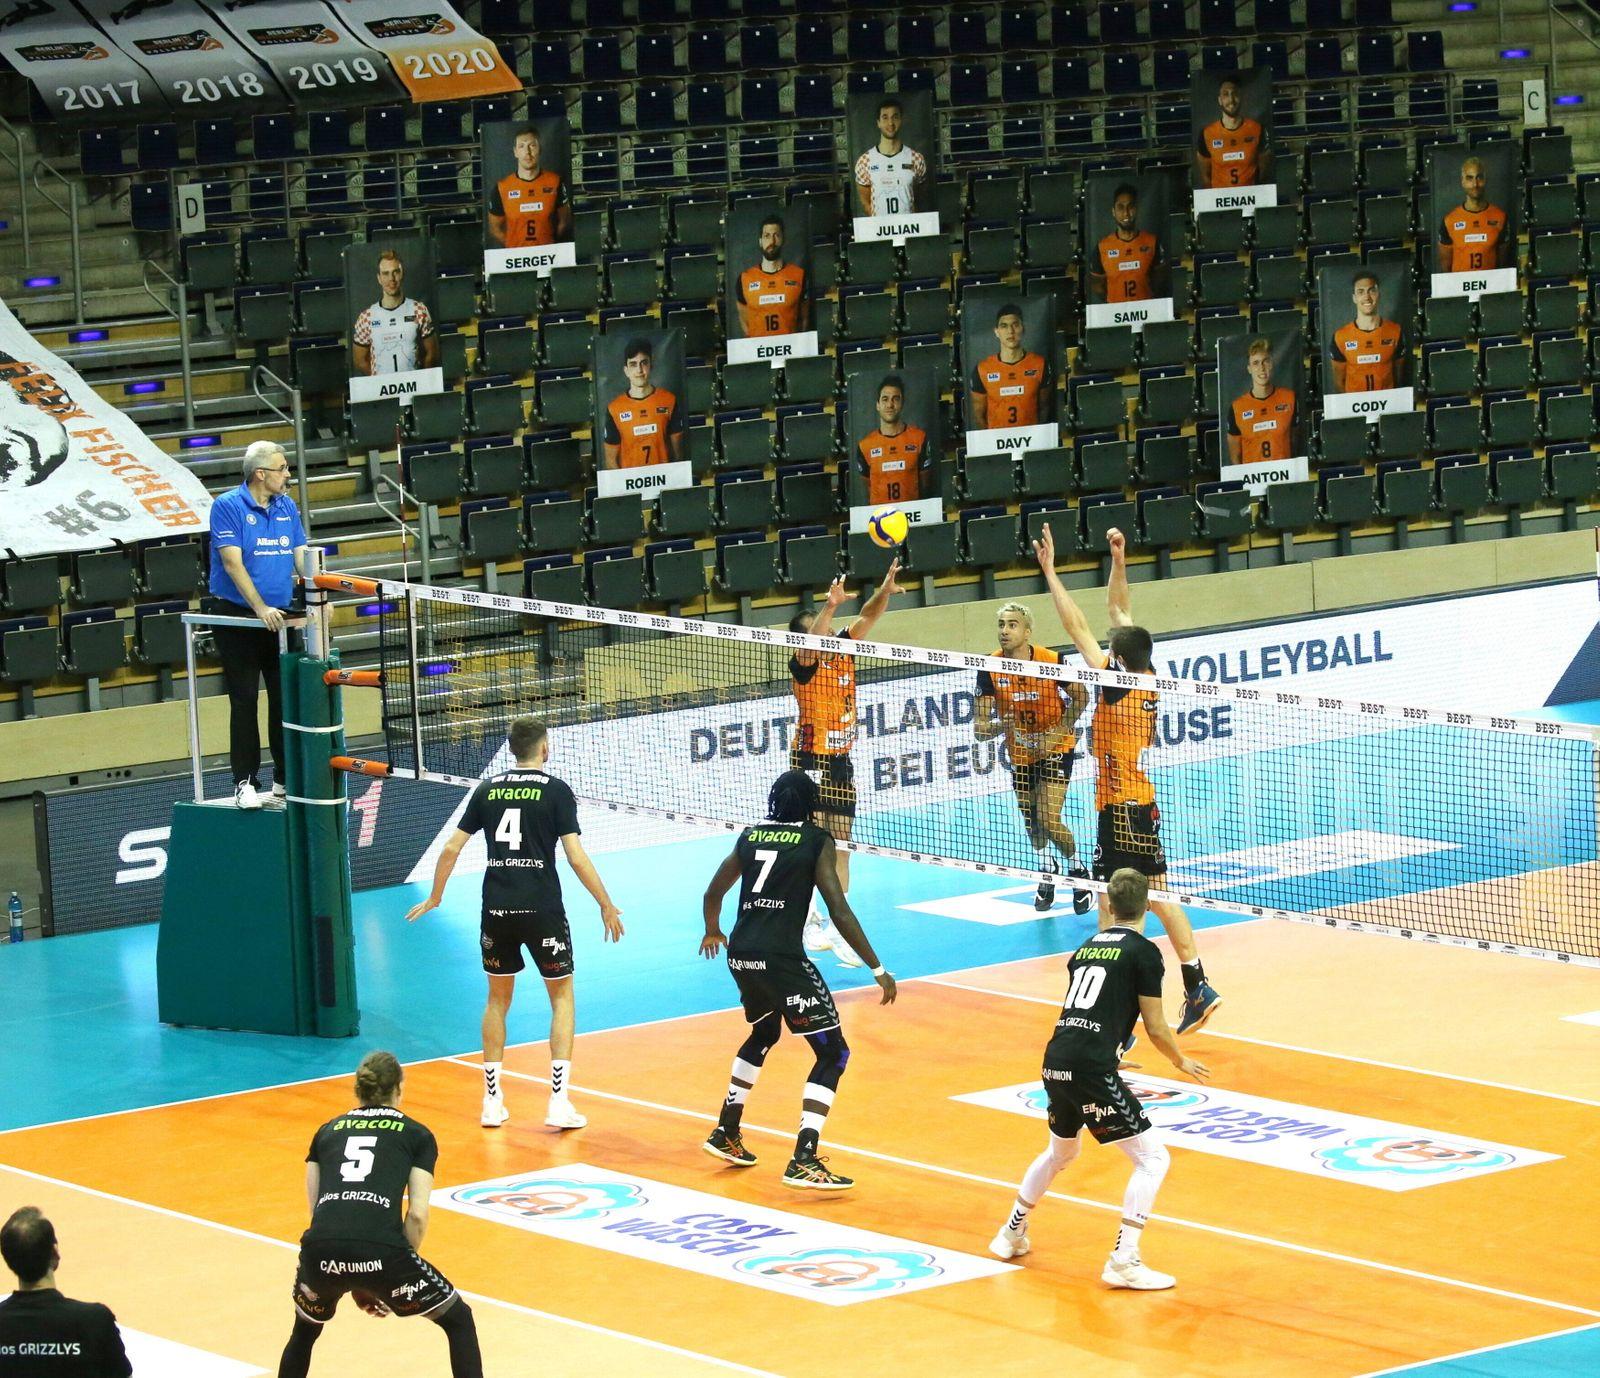 GER, 1.VBL, BR VOLLEYS VS. Helios Grizzlys Giesen / 14.11.2020, Max Schmeling Halle, Berlin, GER, 1.VBL, BR VOLLEYS VS.